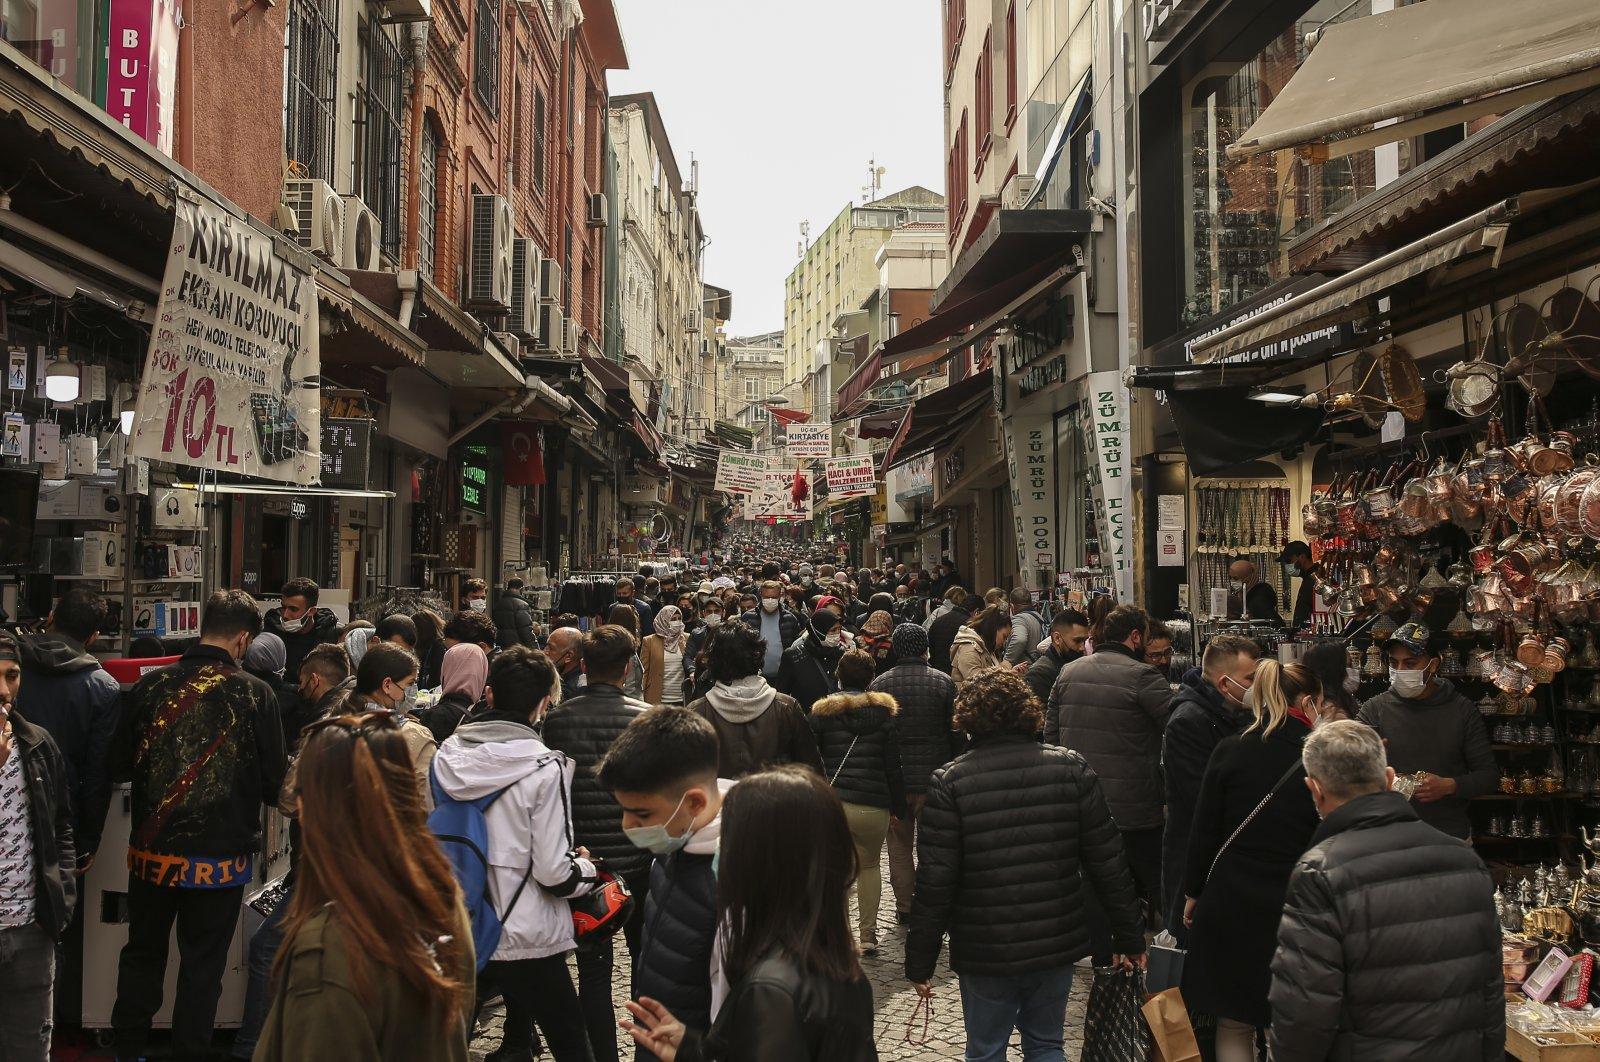 People walk in the Eminönü open market in Istanbul, Turkey, April 2, 2021. (AP Photo)